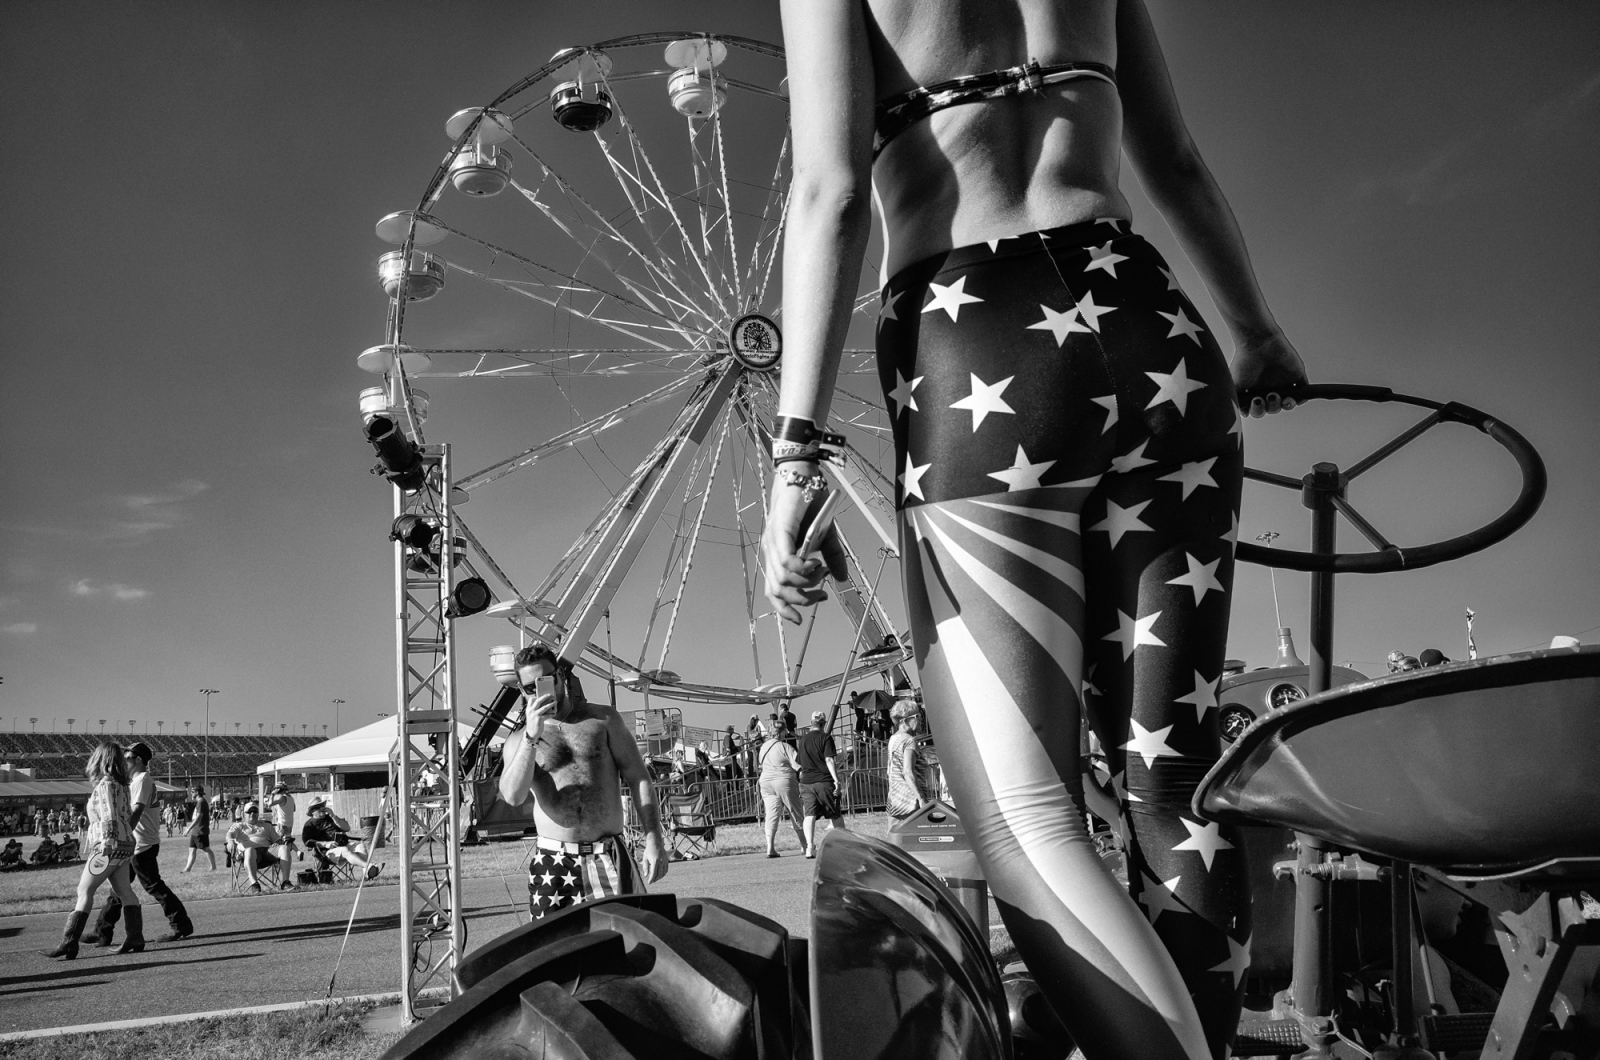 Country 500 Music Festival, Daytona 500 International Speedway, Daytona Beach, FL